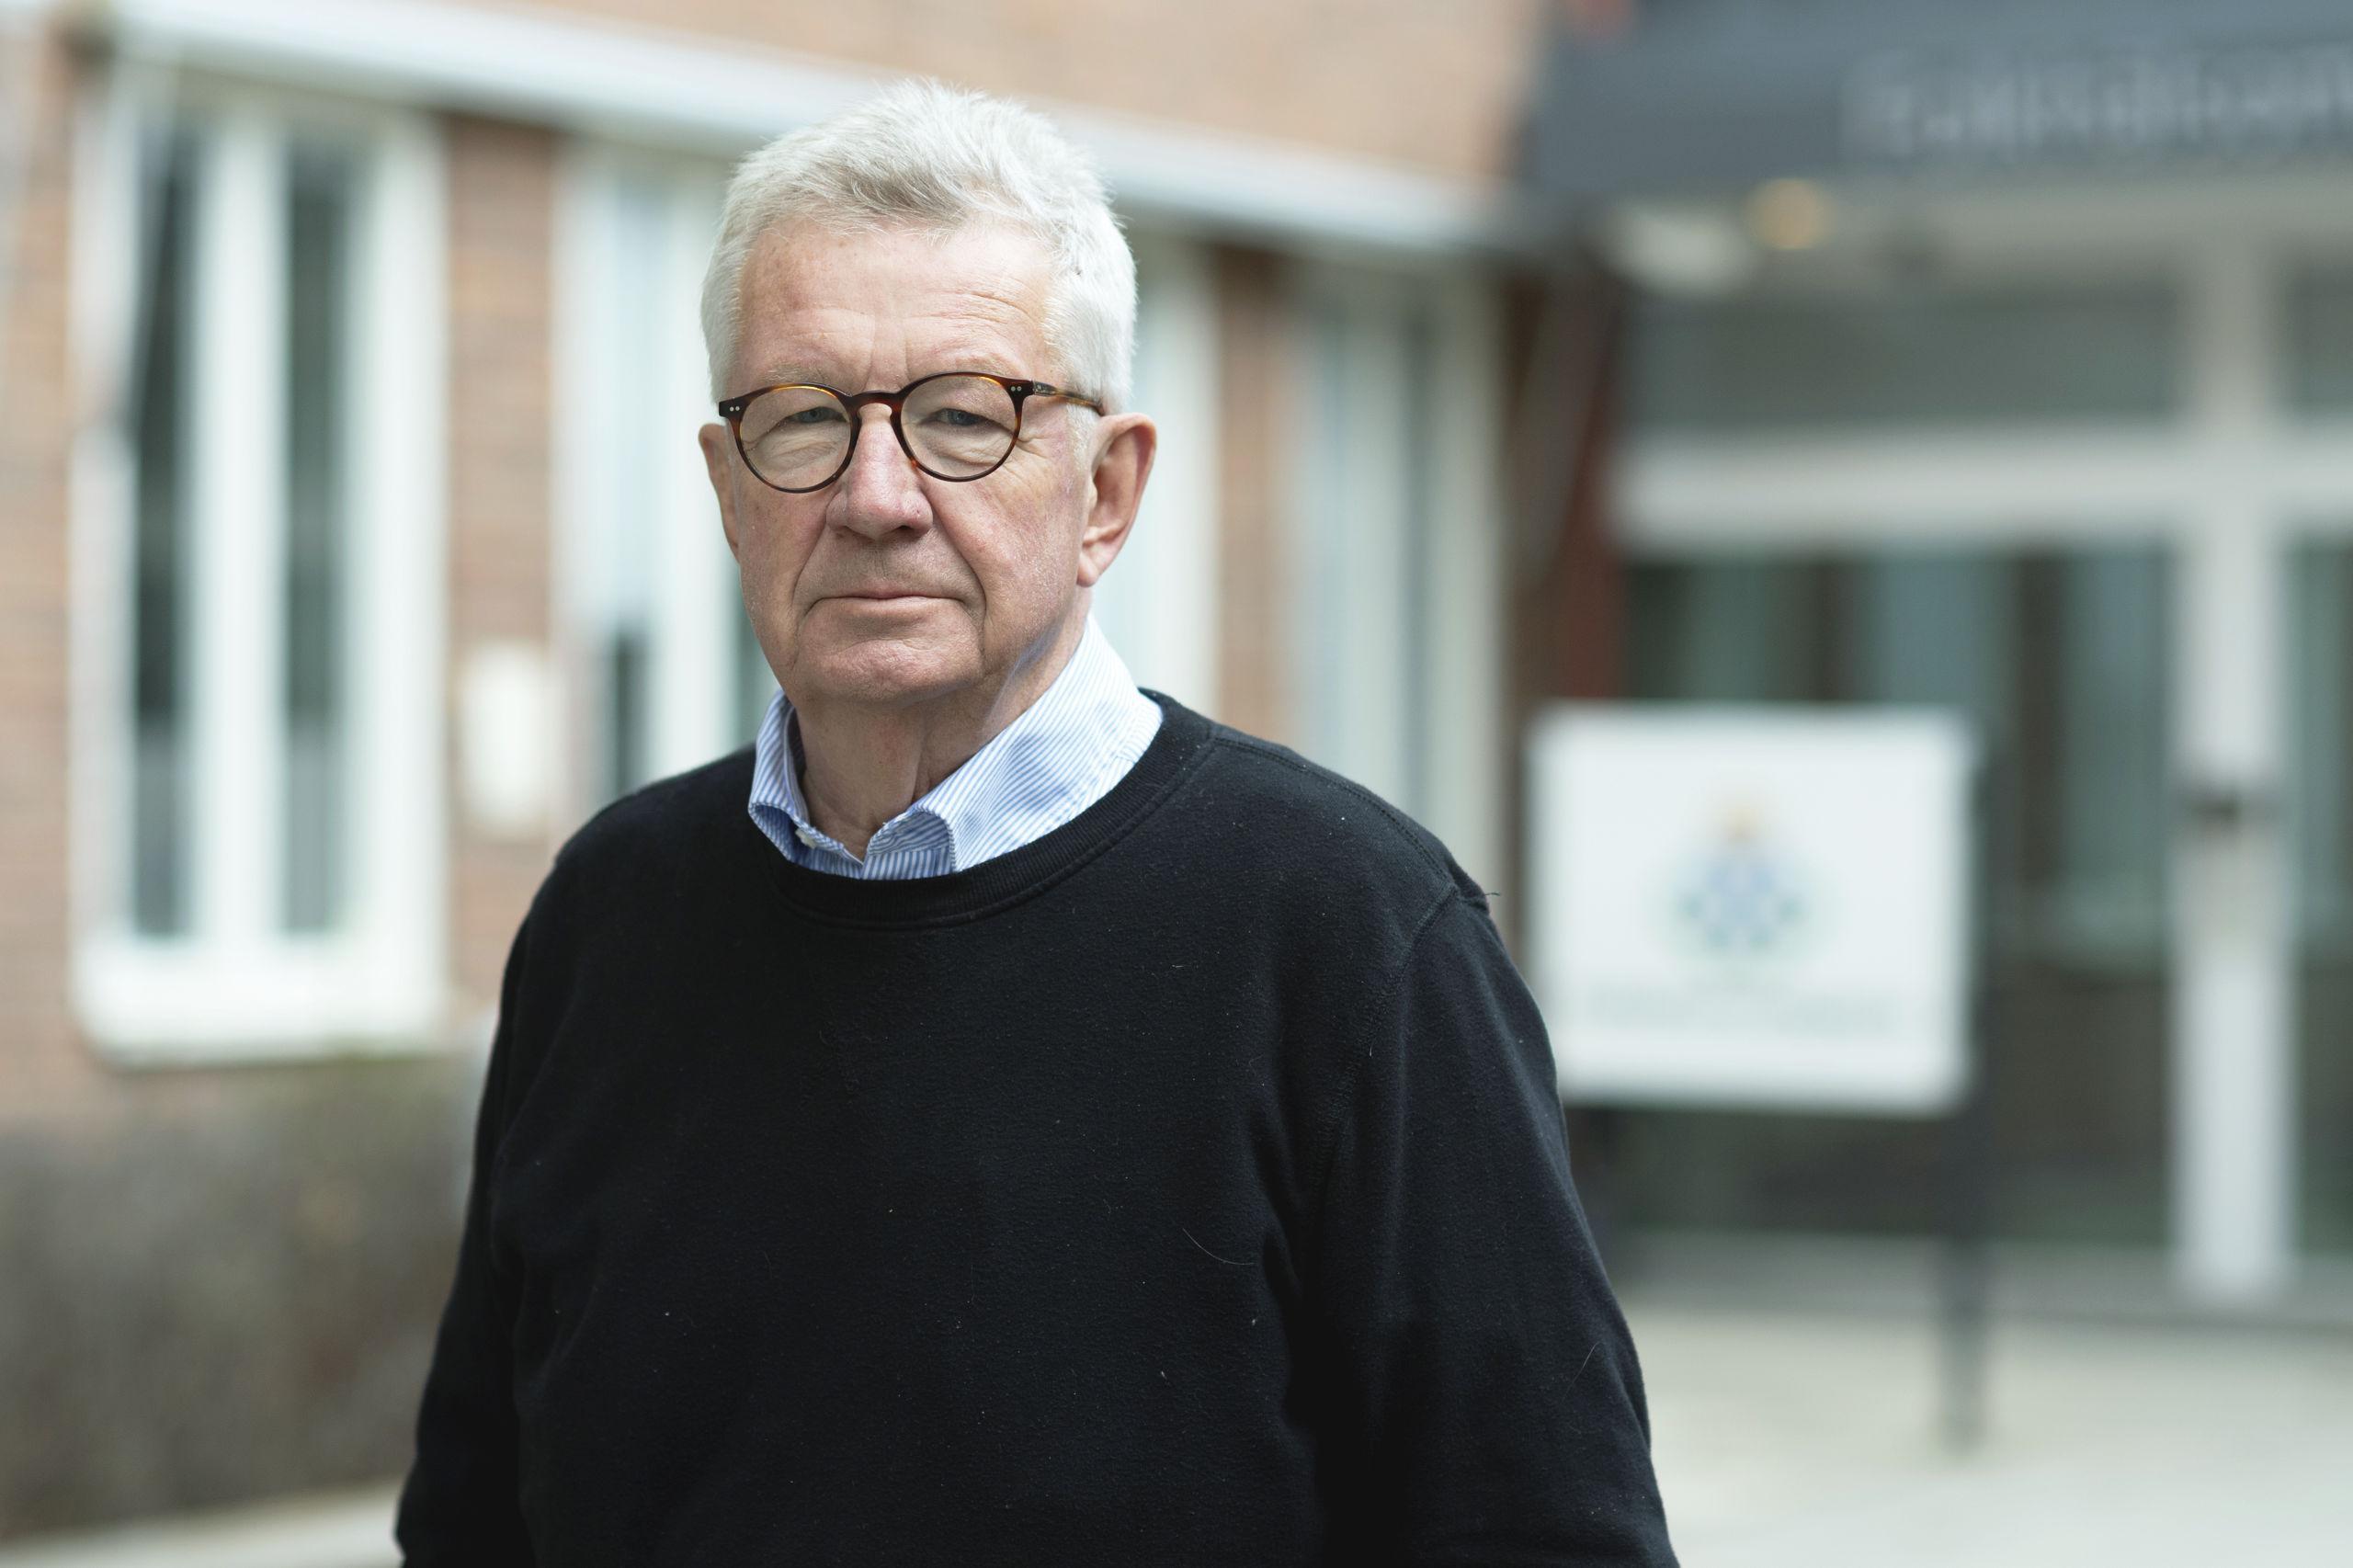 Giesecke ville ha betalt från Folkhälsomyndigheten för medverkan i SVT